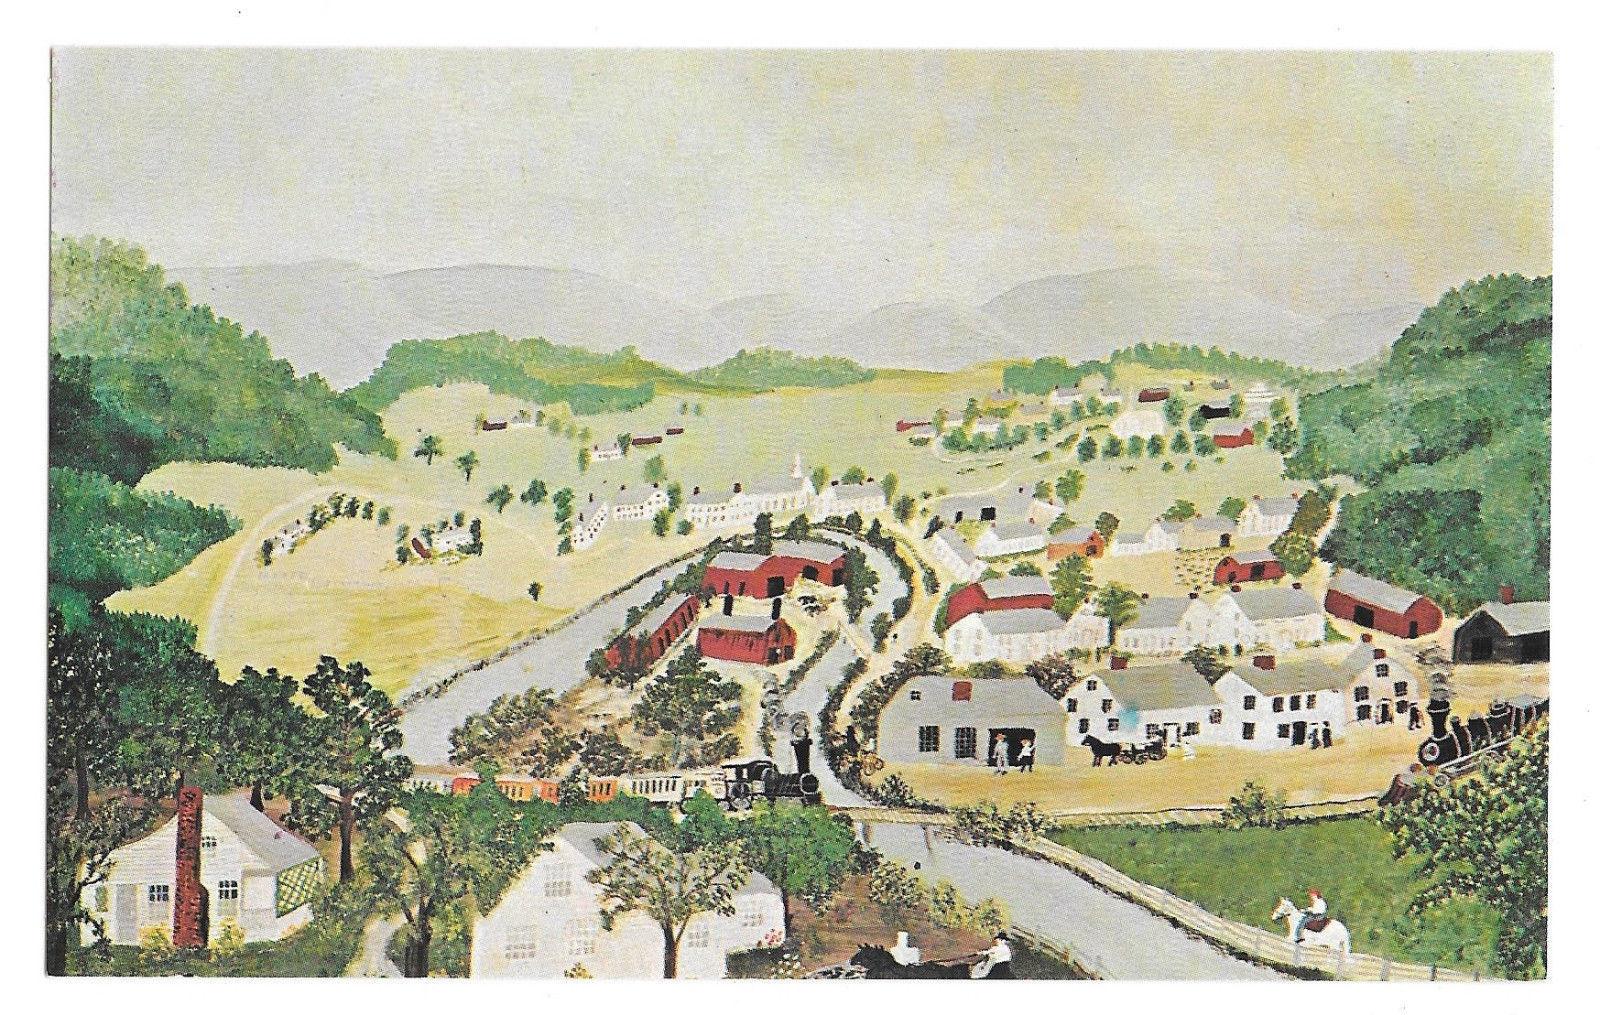 Hoosick Falls Grandma Moses Primitive Painting Vtg Postcard